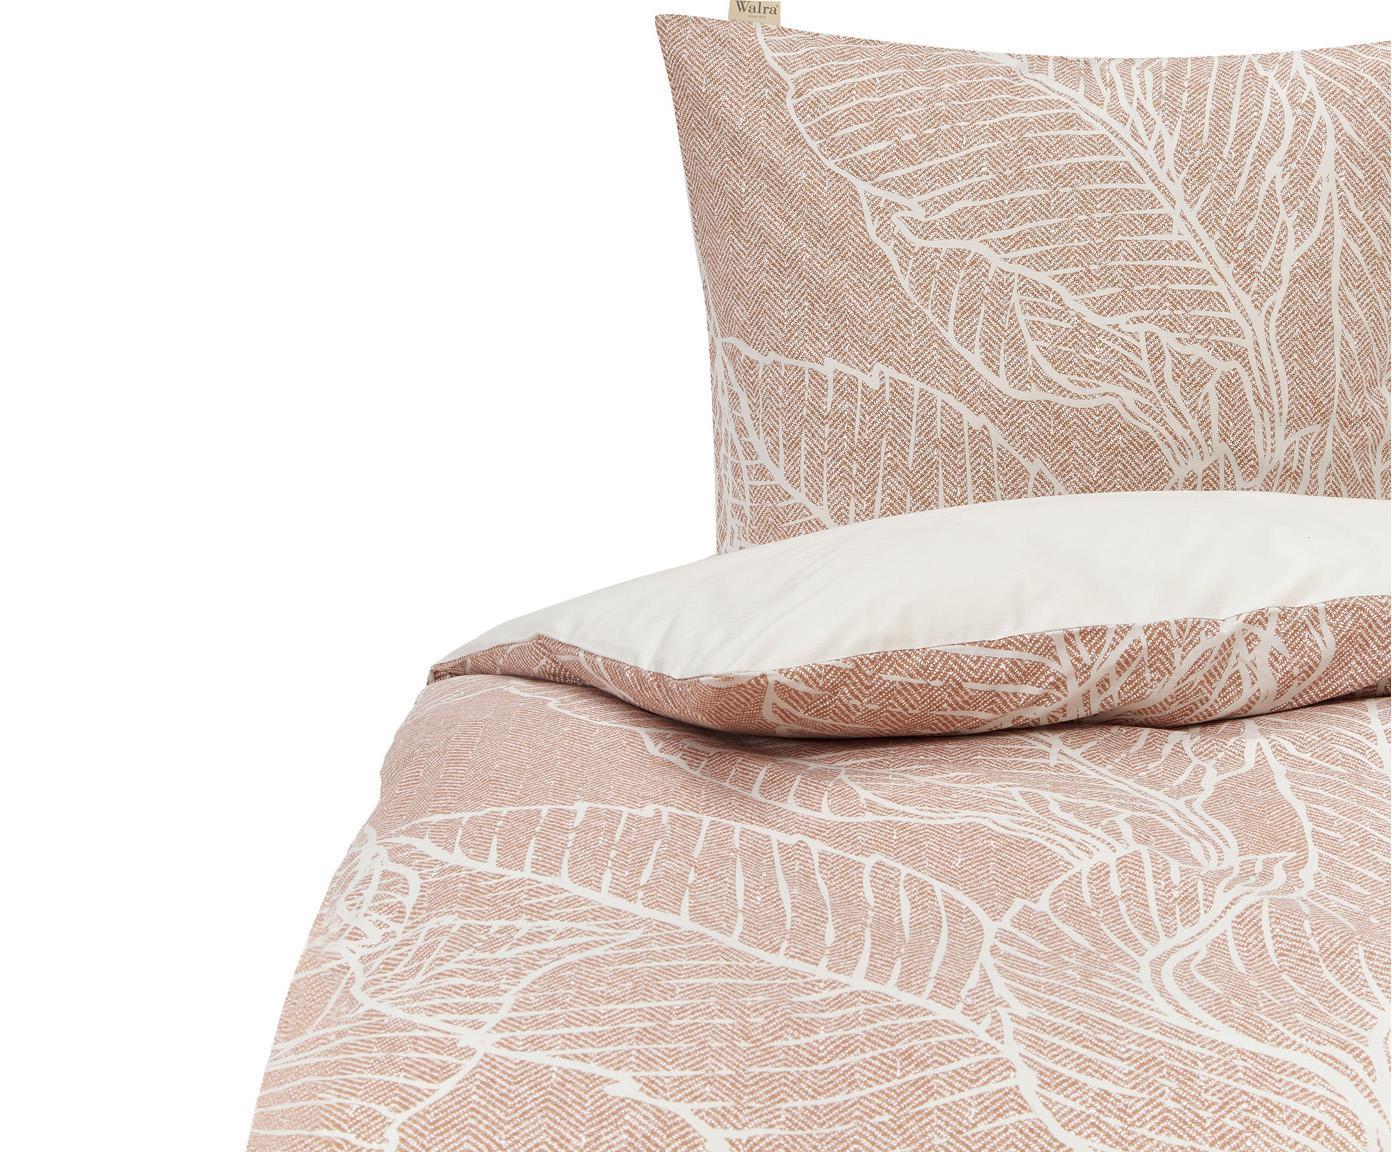 Pościel z bawełny Leaves & Trees, Brudny różowy, jasny beżowy, 135 x 200 cm